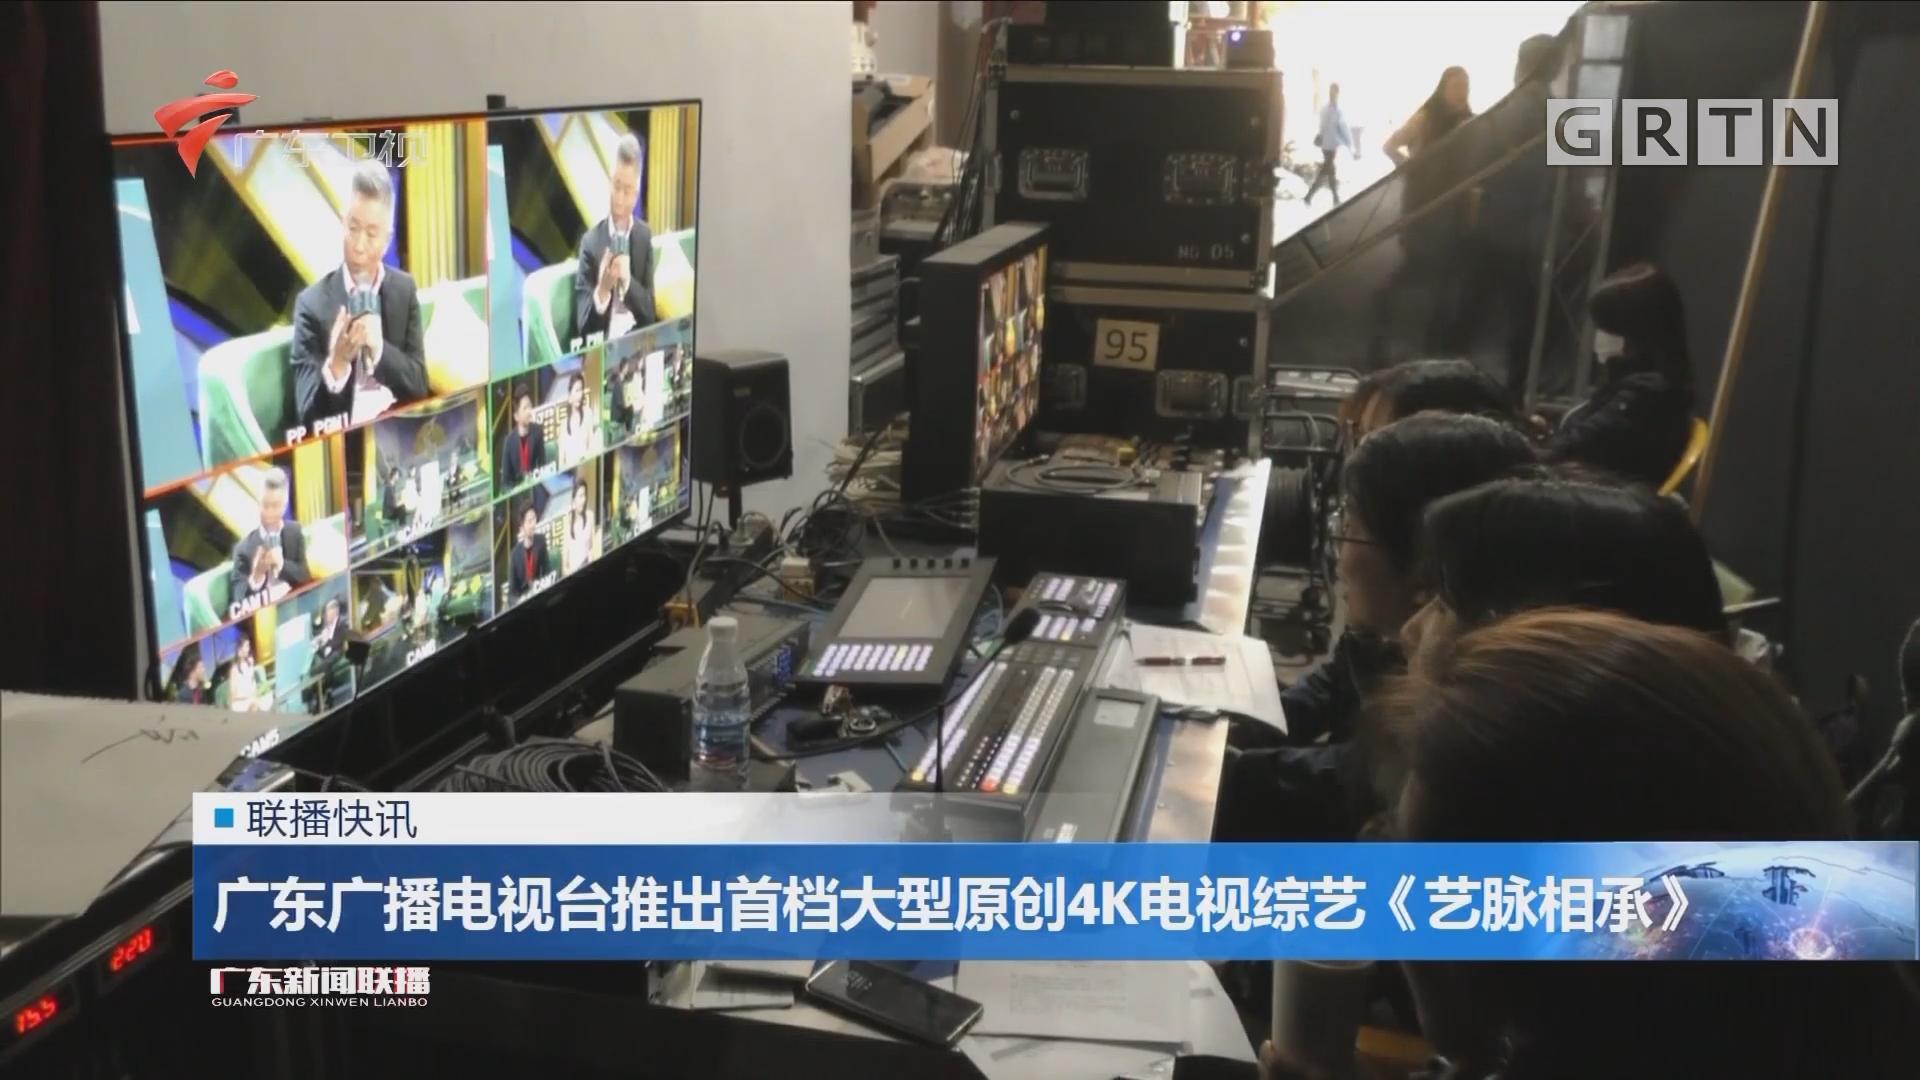 广东广播电视台推出首档大型原创4K电视综艺《艺脉相承》